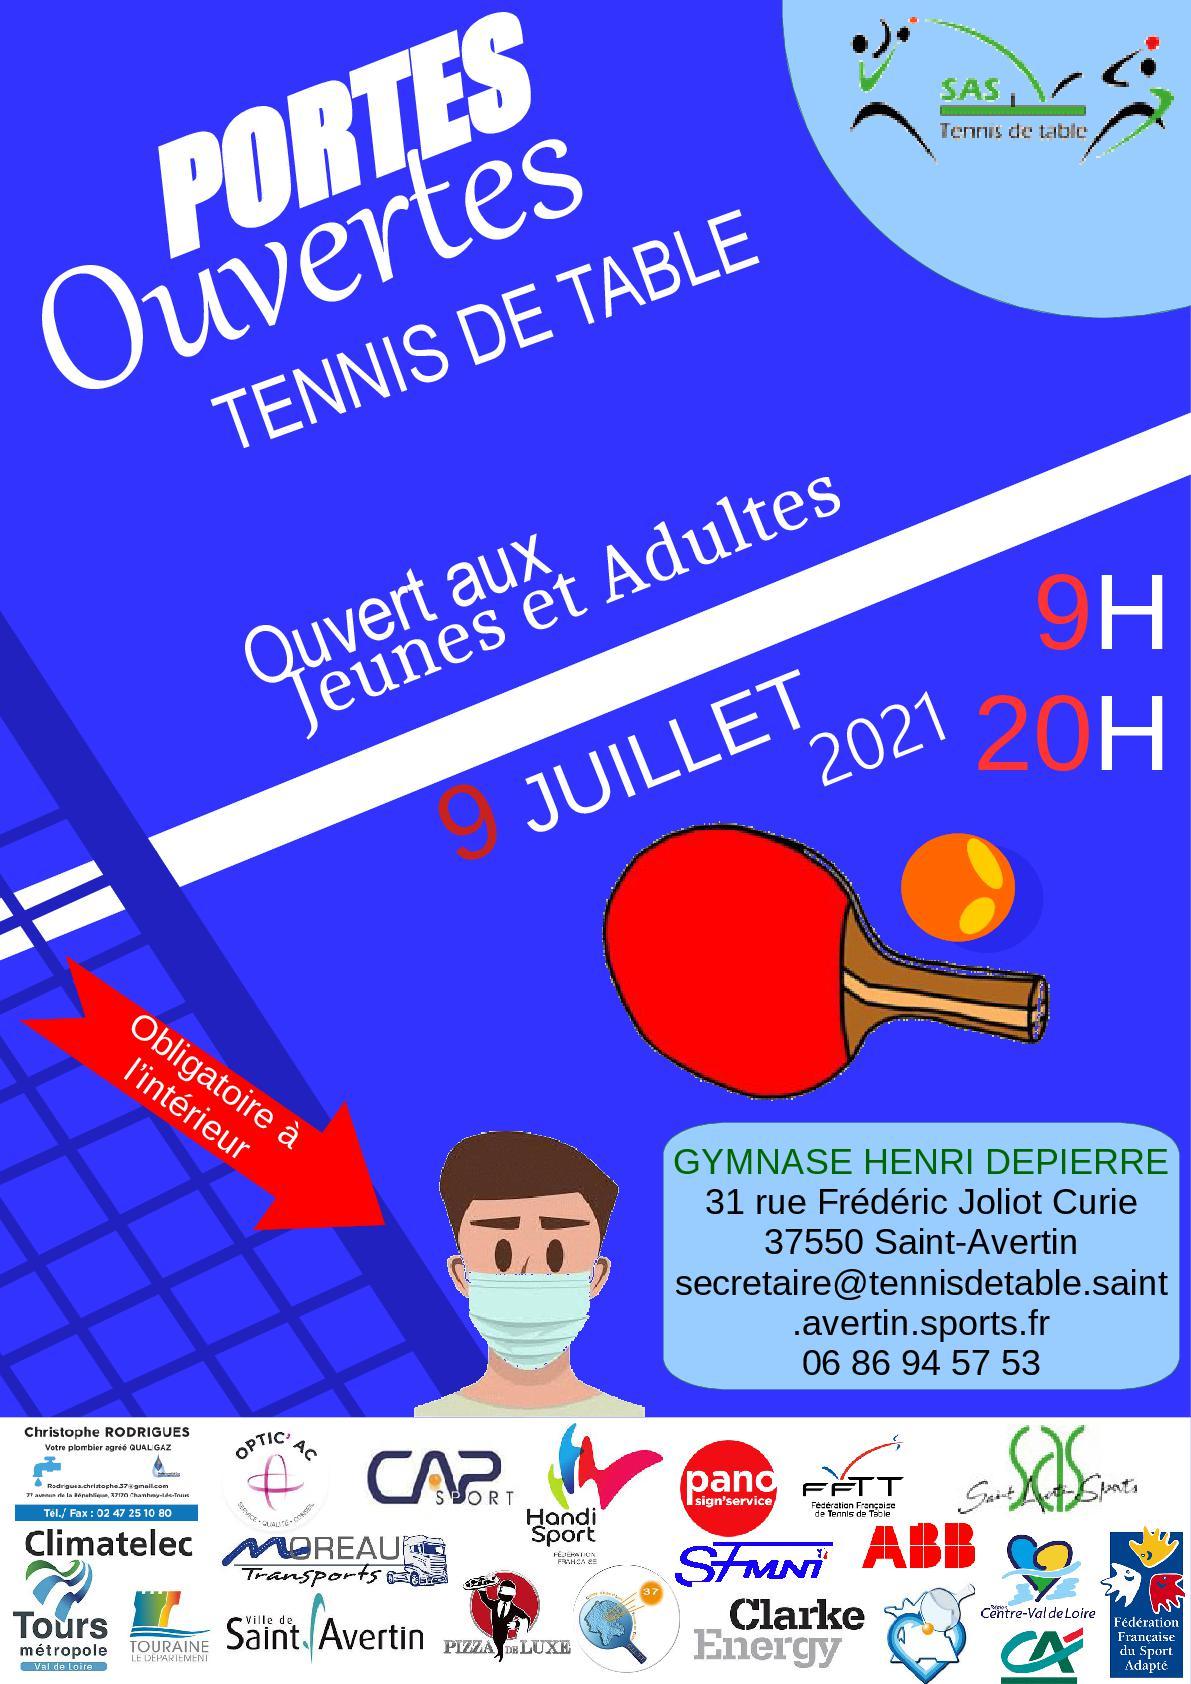 Portes Ouvertes Tennis de Table